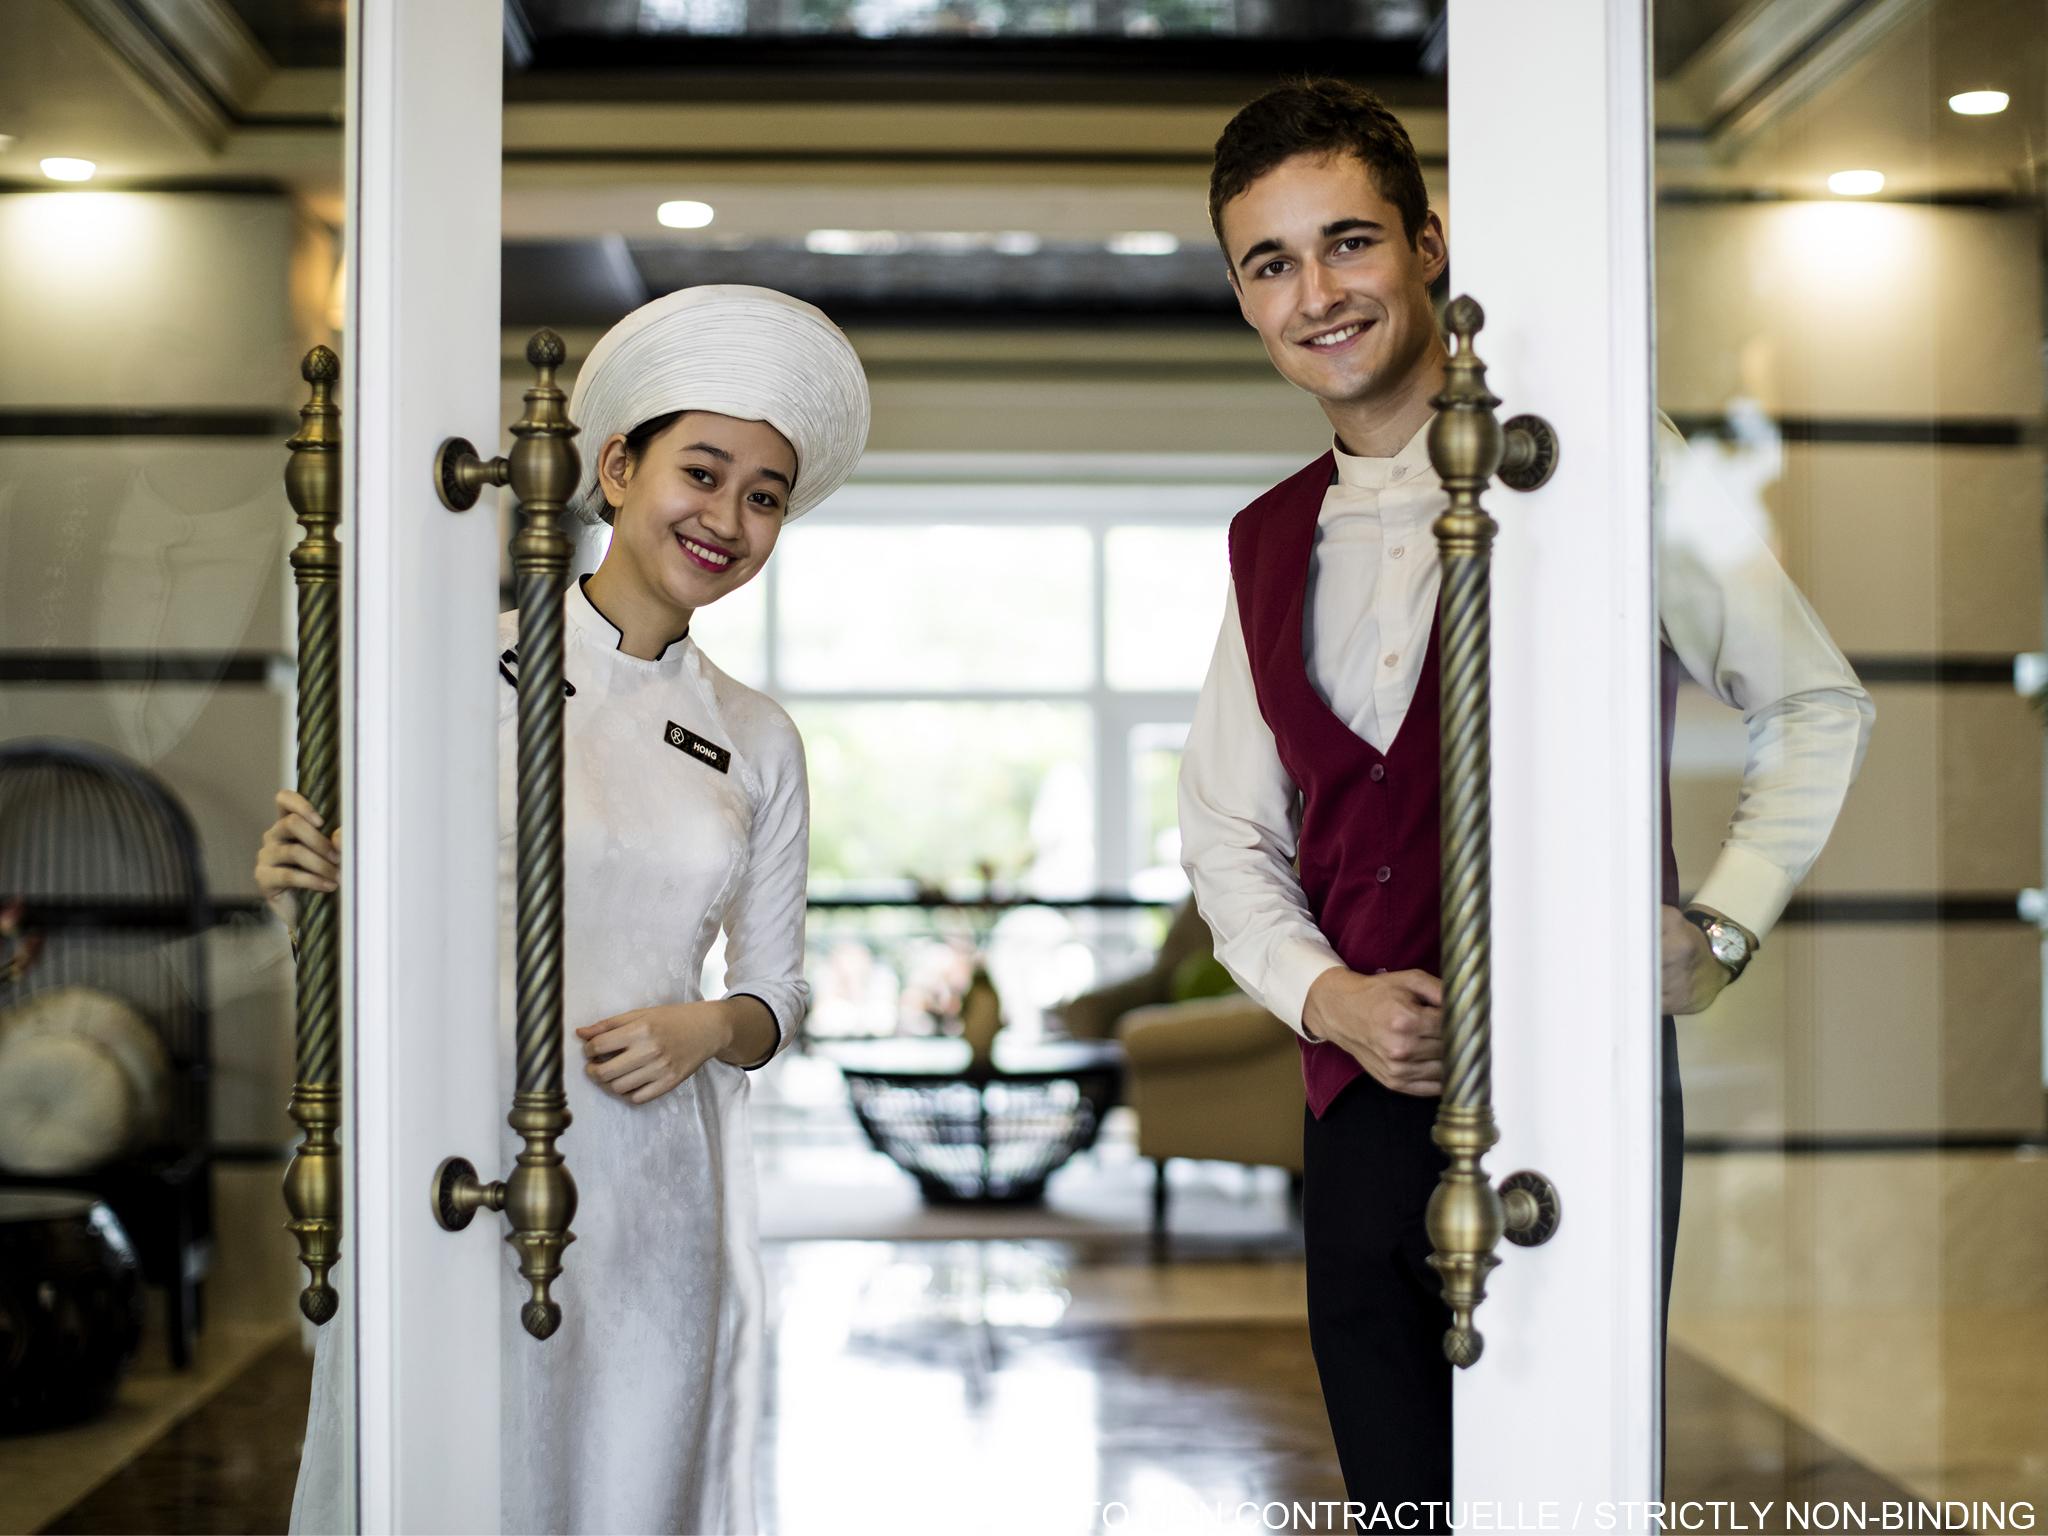 โรงแรม – เดอะ แคนวาส โฮเทล ดูไบ เอ็มแกลเลอรี บาย โซฟิเทล (เปิดต.ค. 2018)